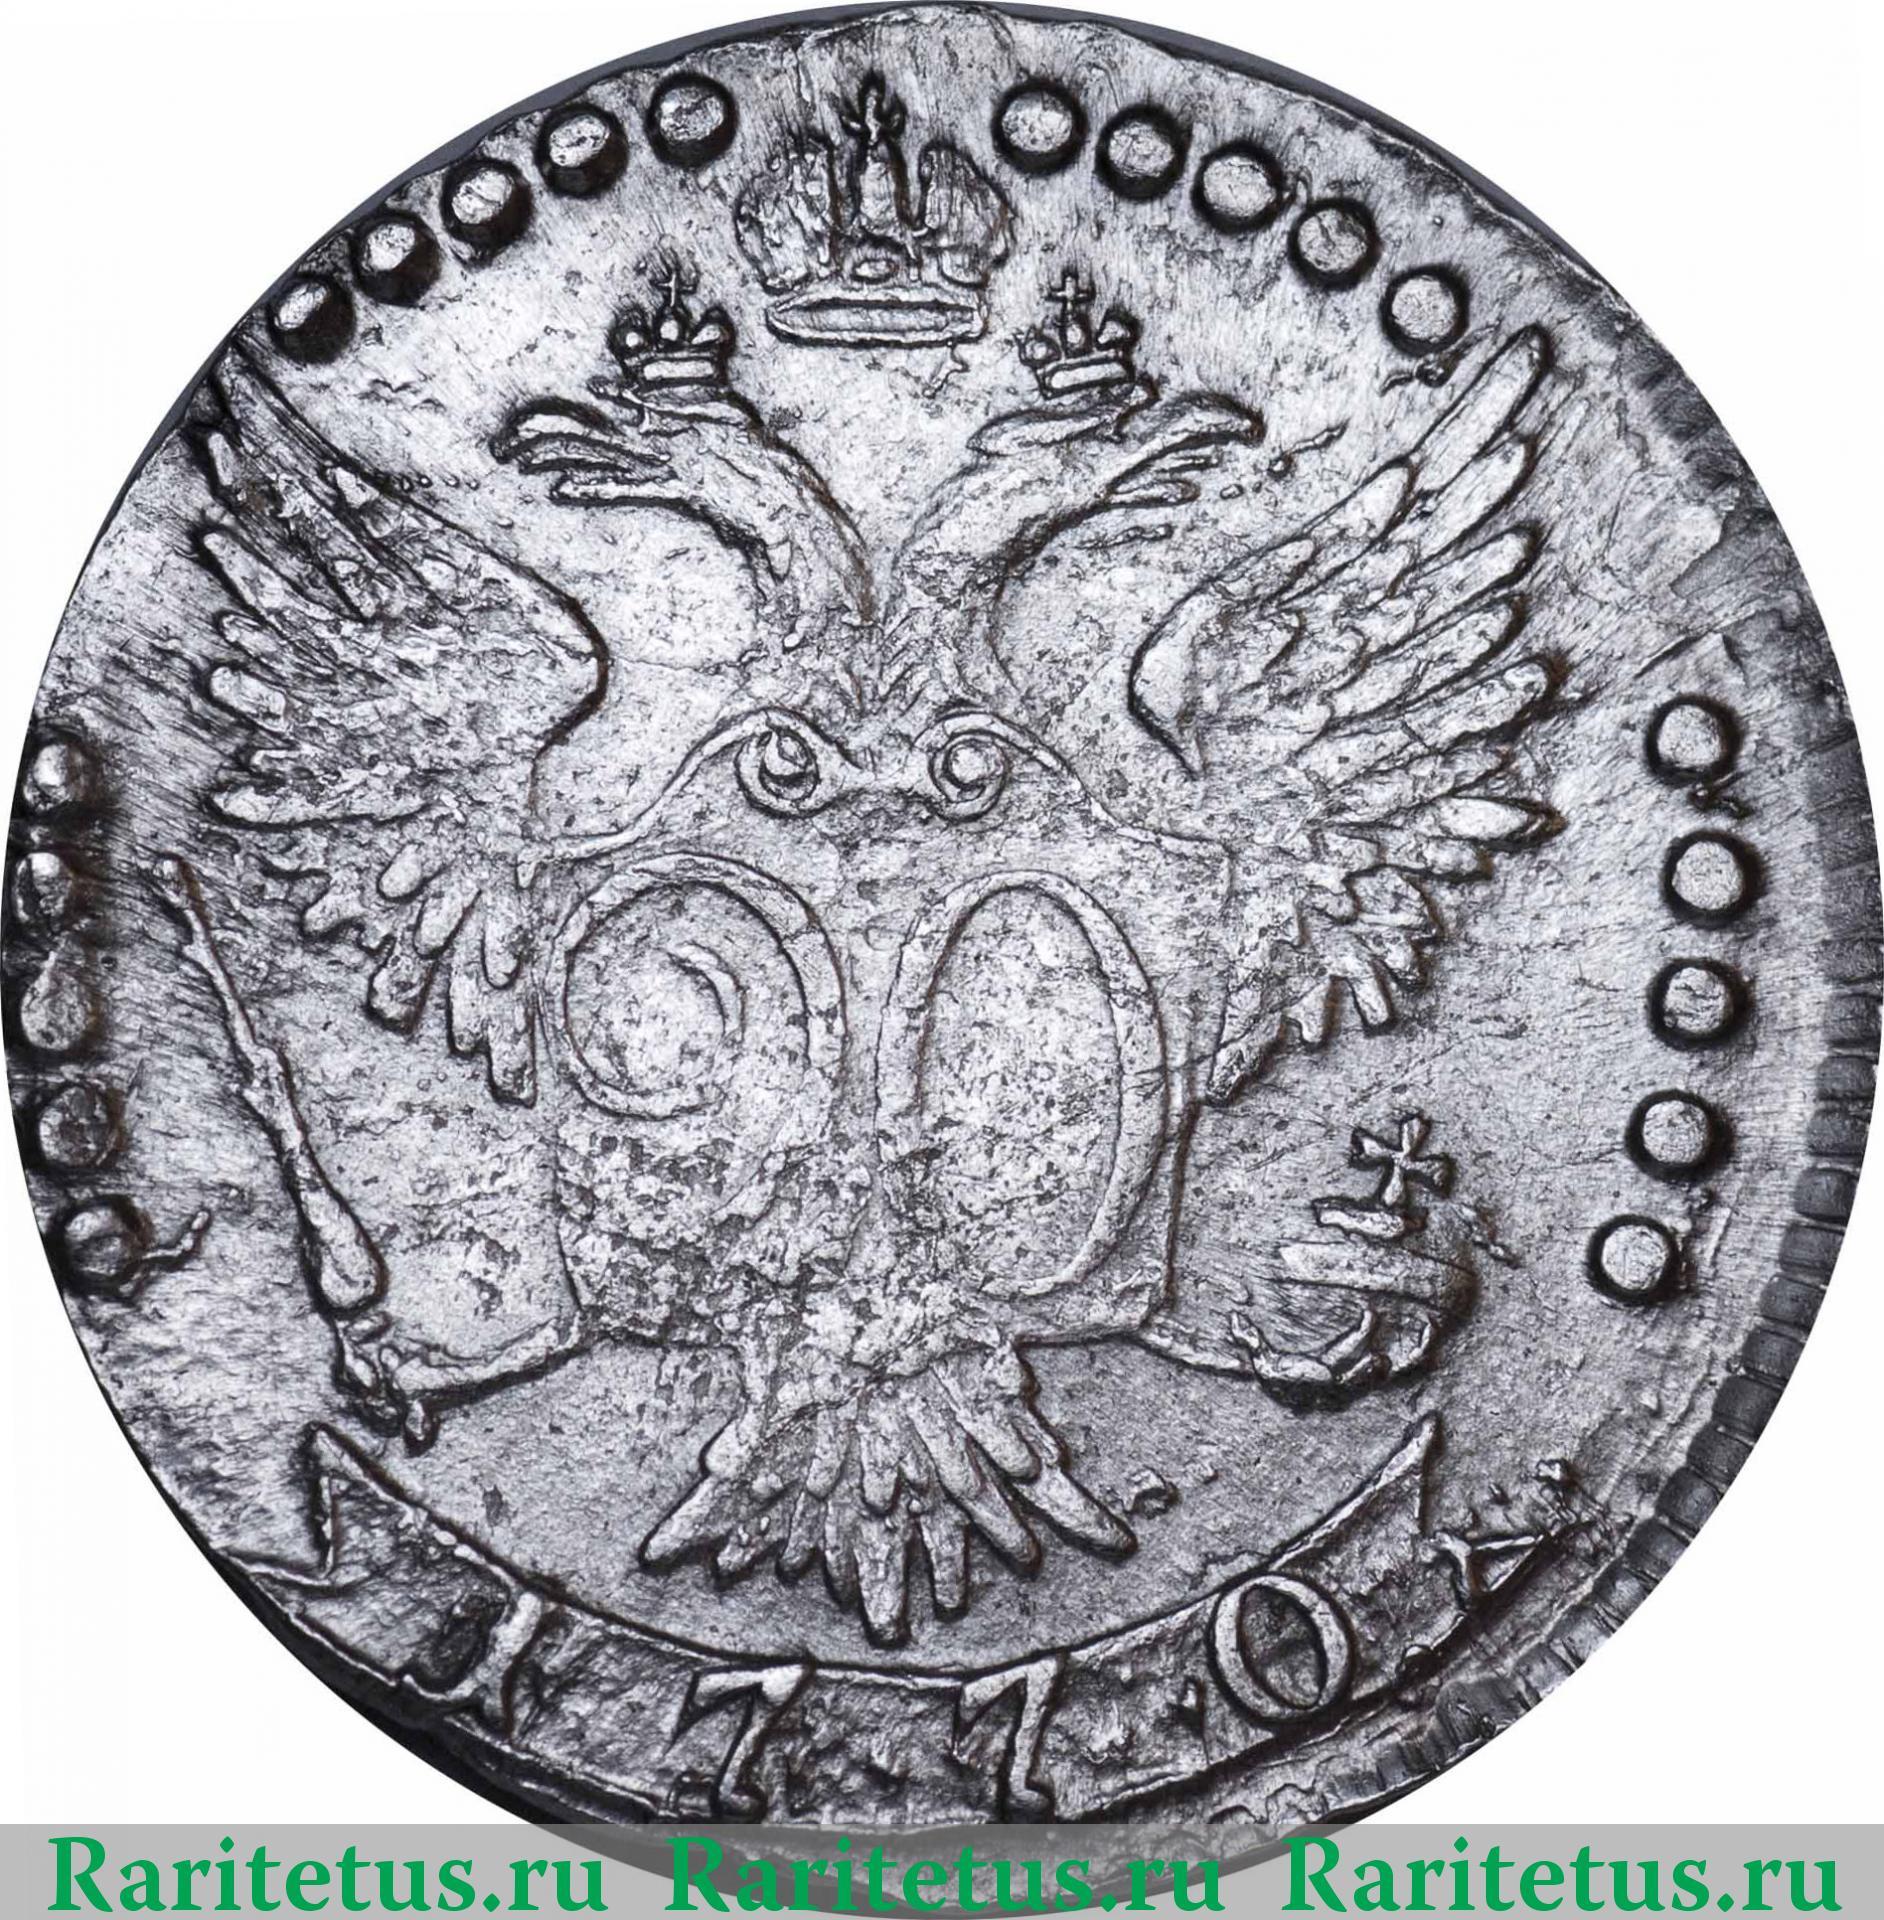 5 копеек 1770 года цена цены монет царской россии 1700 1917 годов